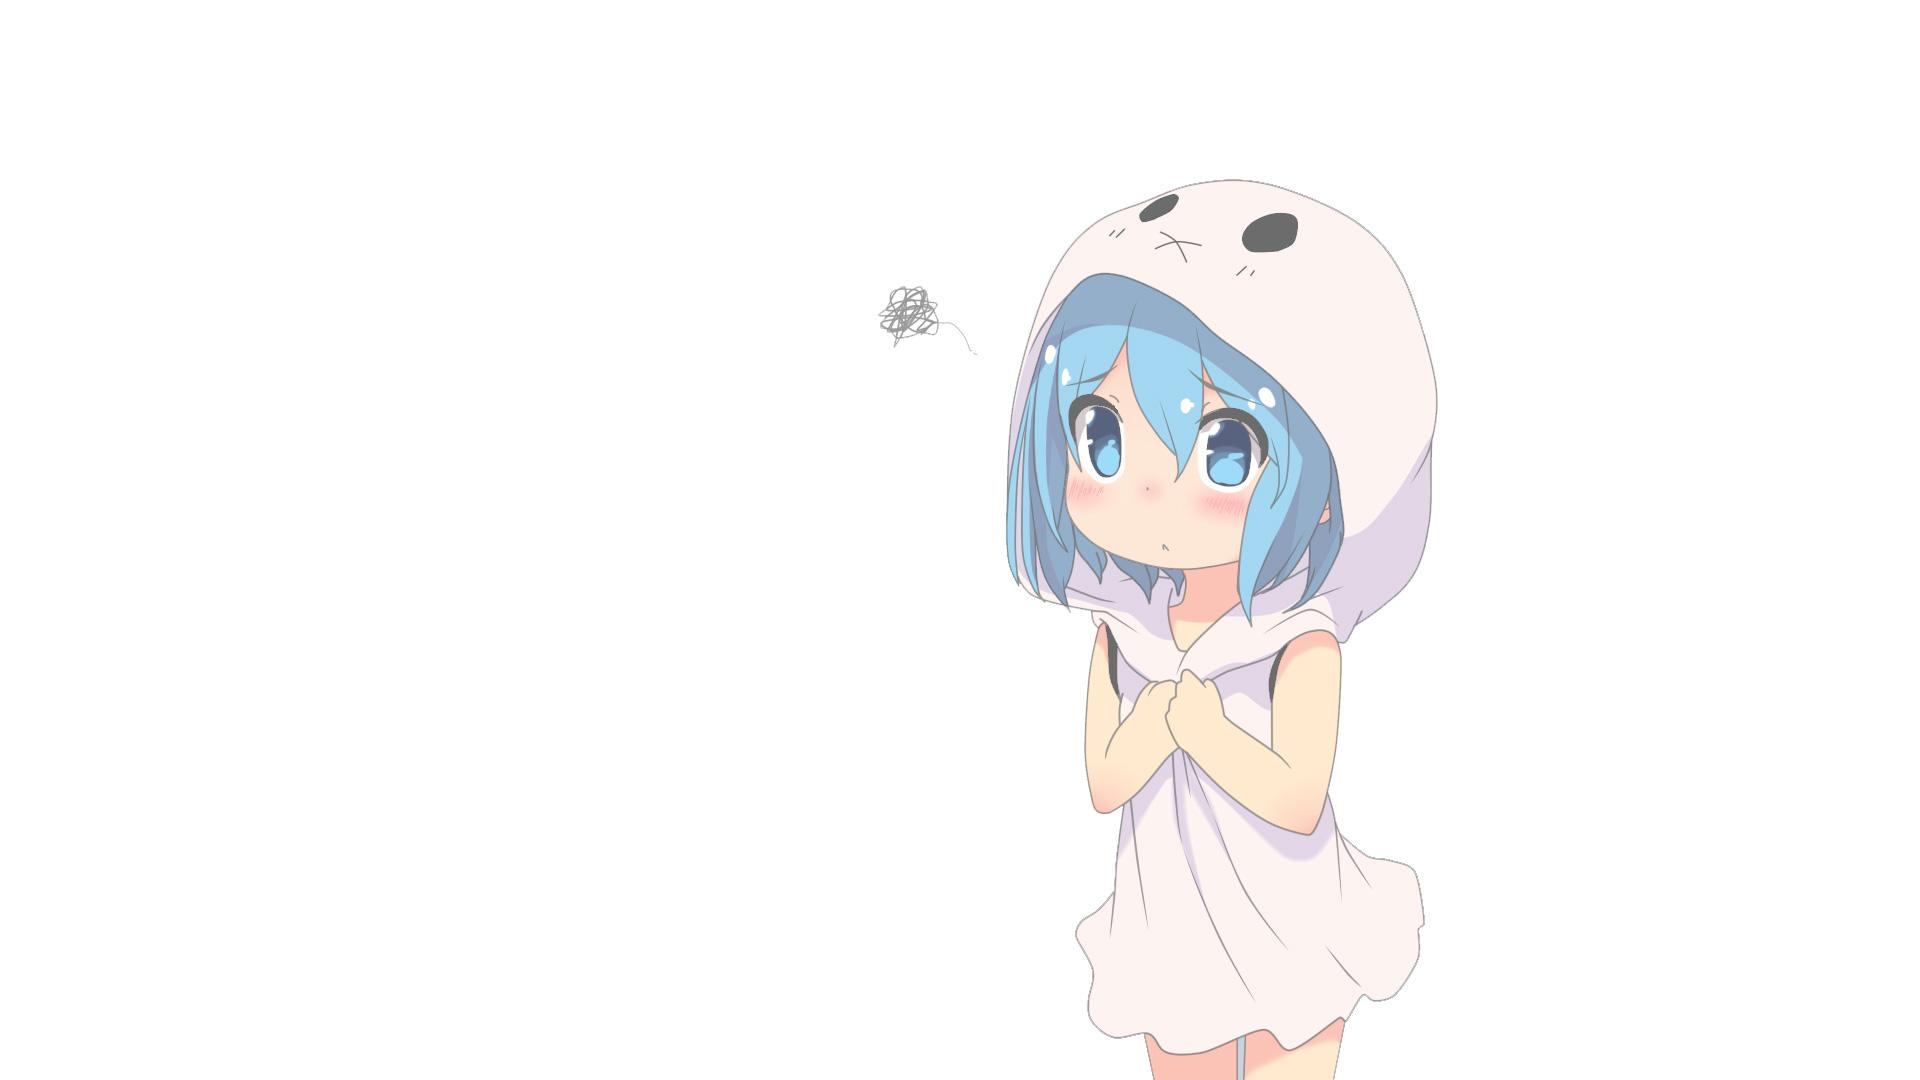 Cute anime little girl full hd wallpaper - Cute anime girl wallpaper ...